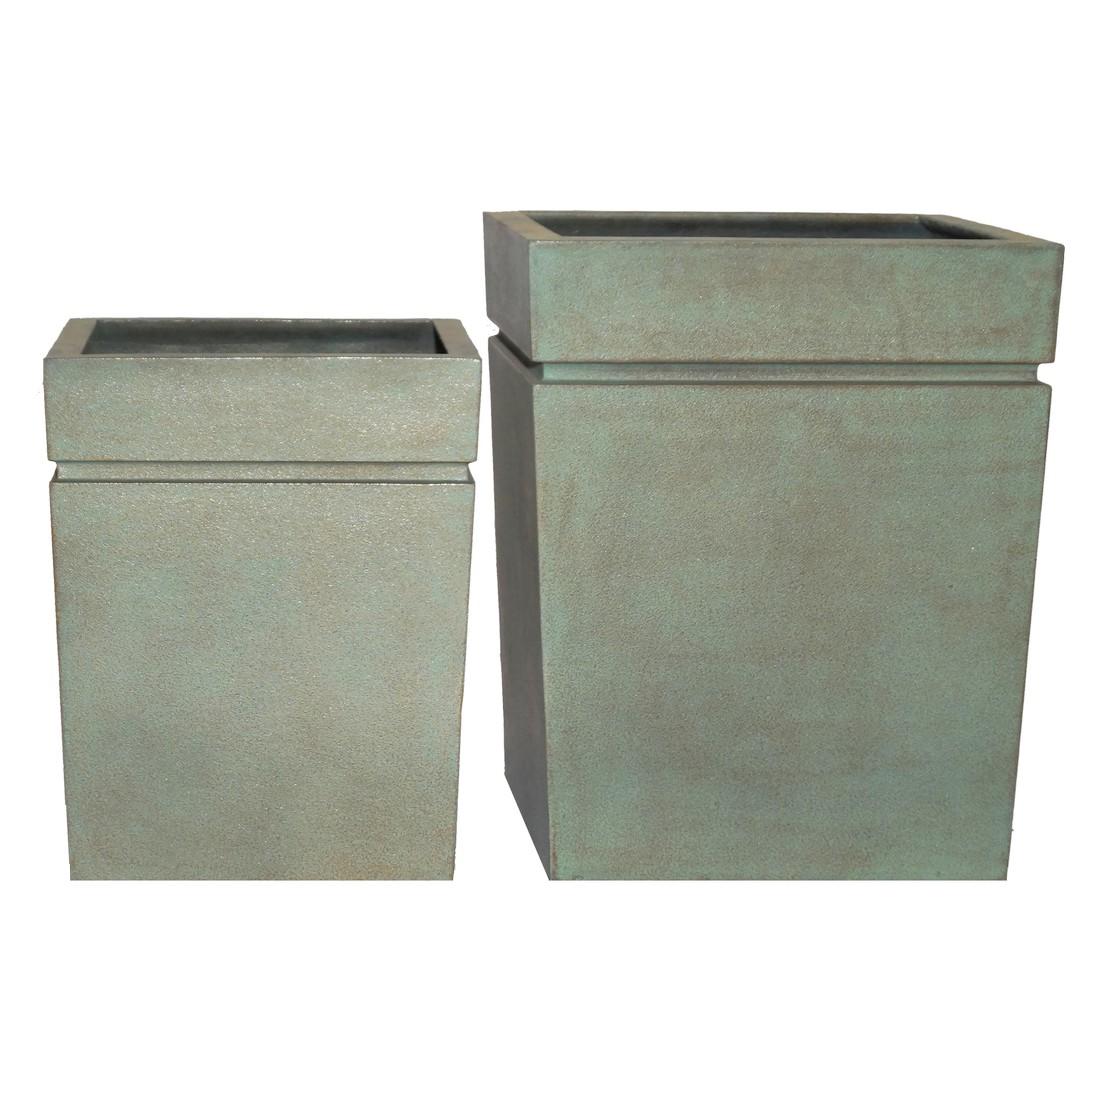 Pflanzkübel Copper Green – Kunststoff – Modern Eckig – 2er-Set, Viducci's Garden jetzt kaufen